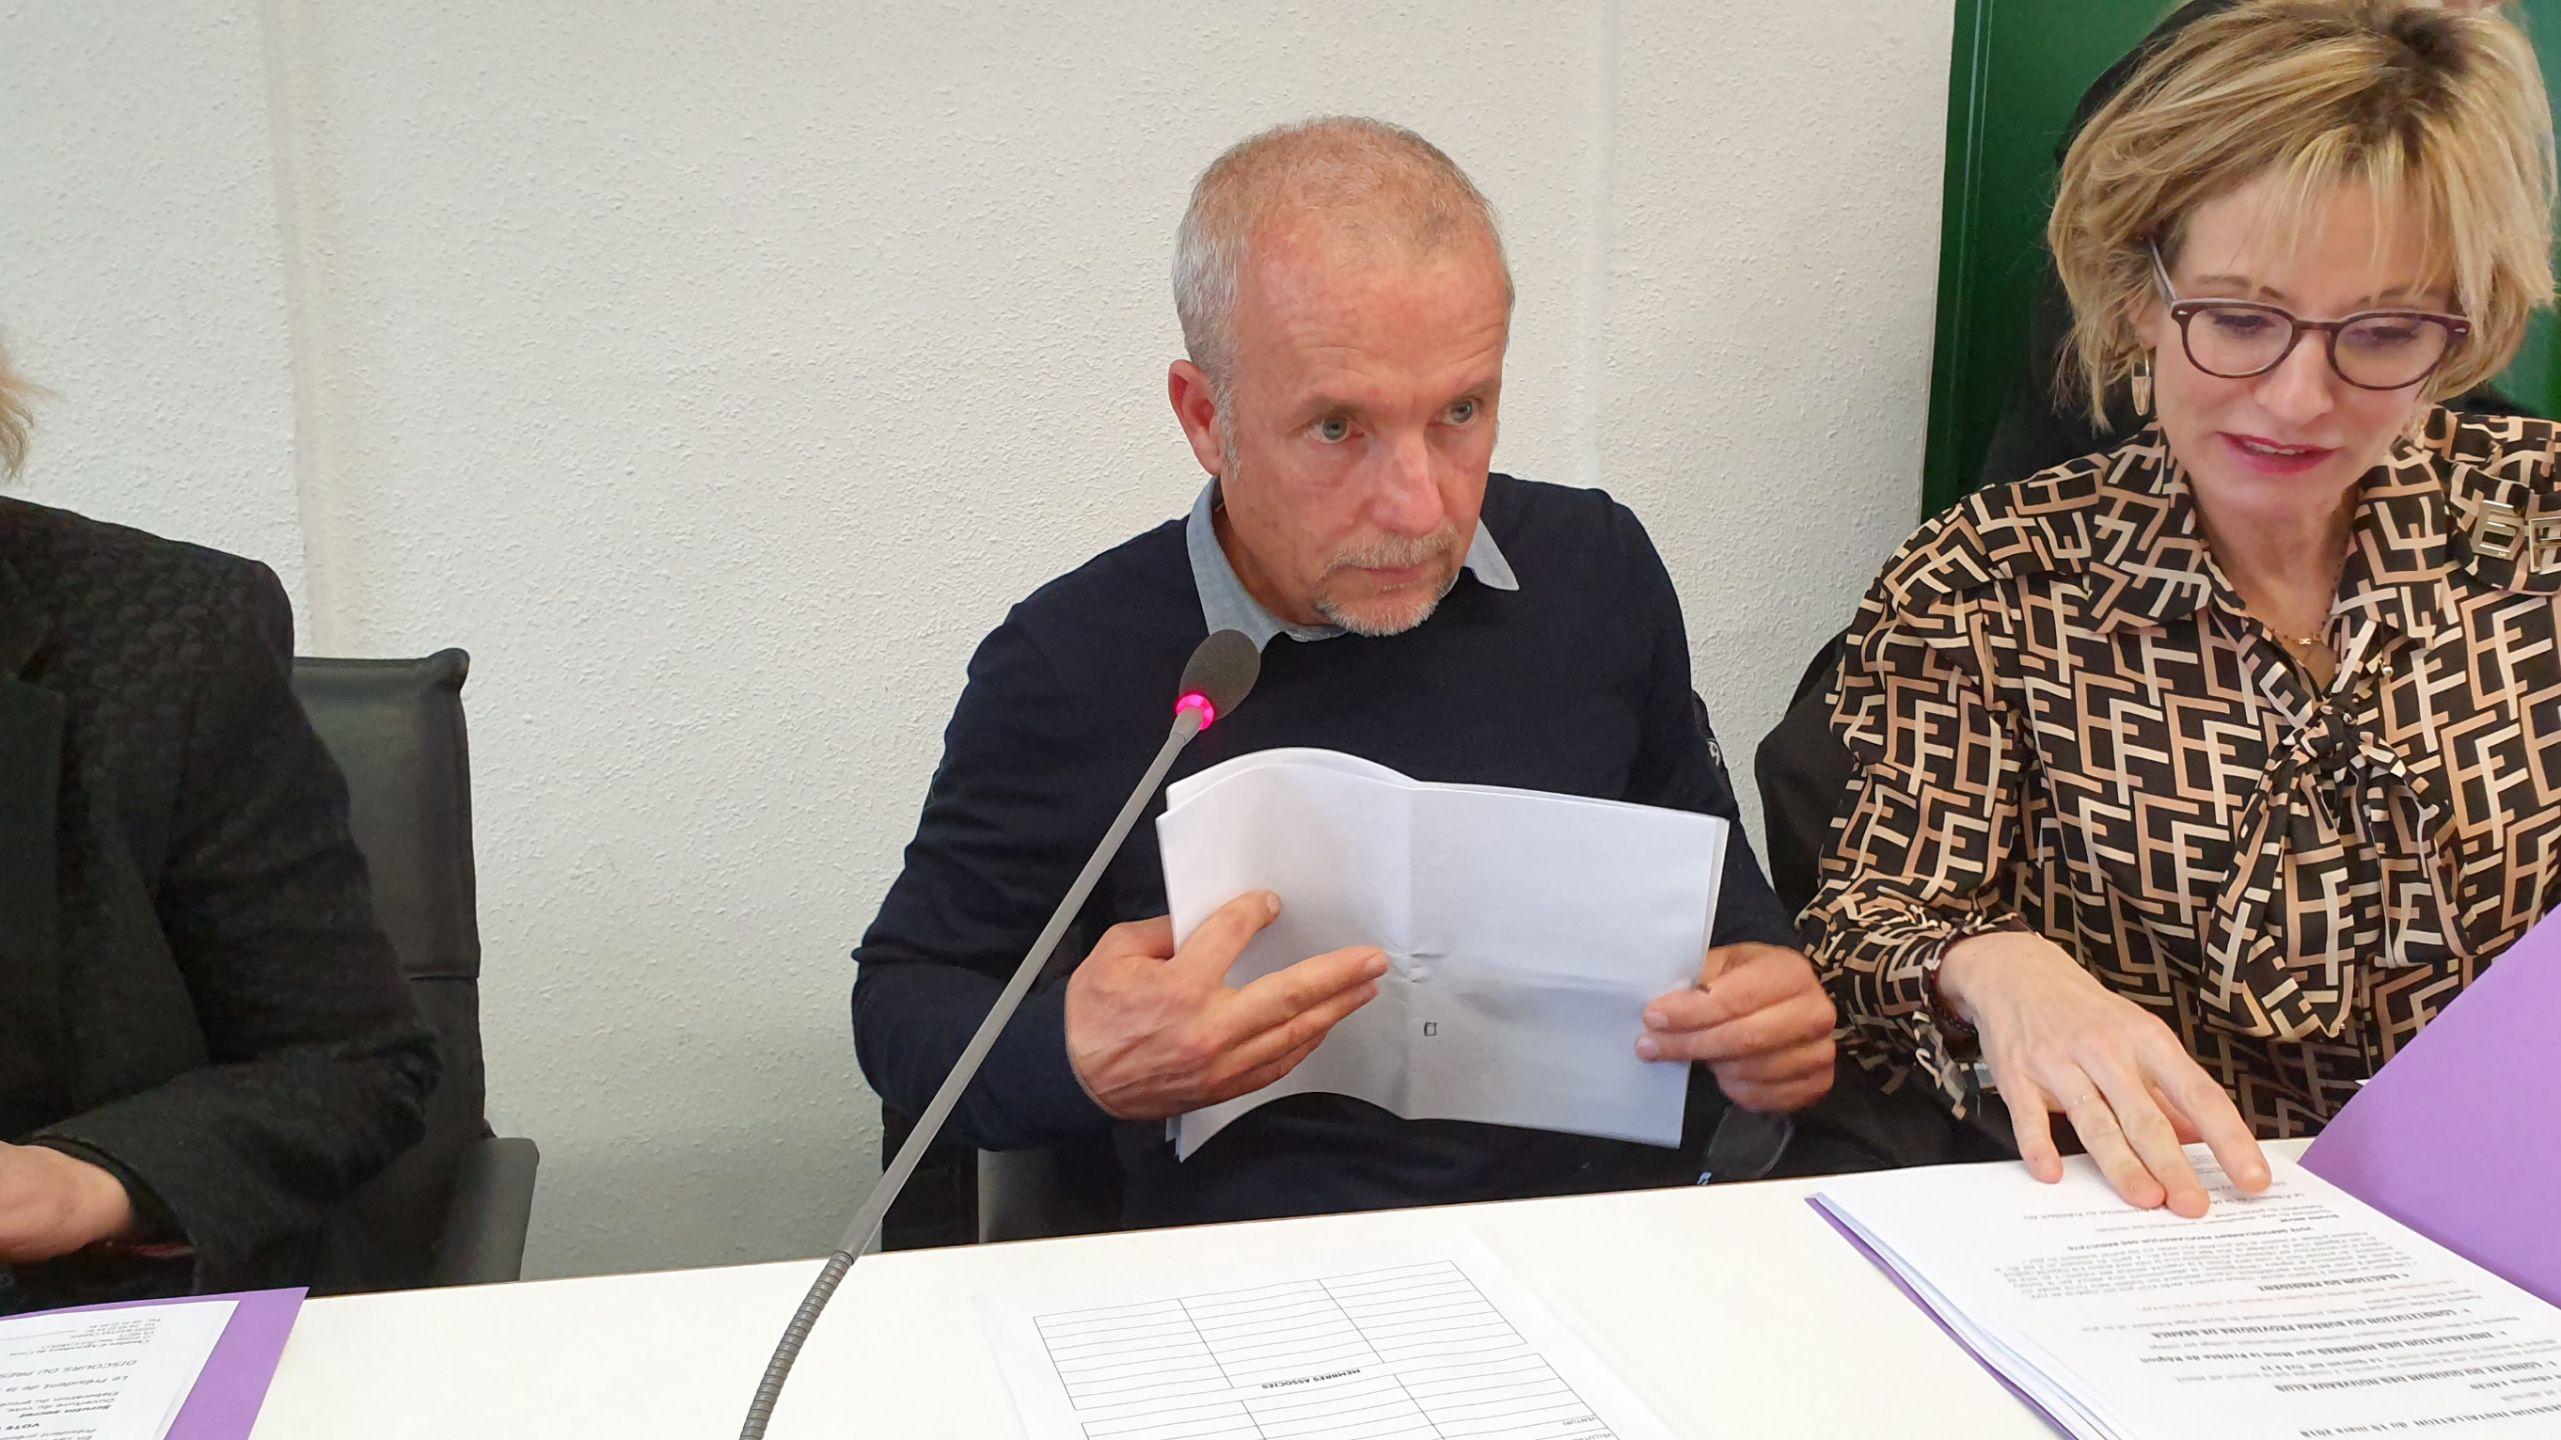 Le président de la chambre régionale d'agriculture, Pierre Acquaviva, démissionne